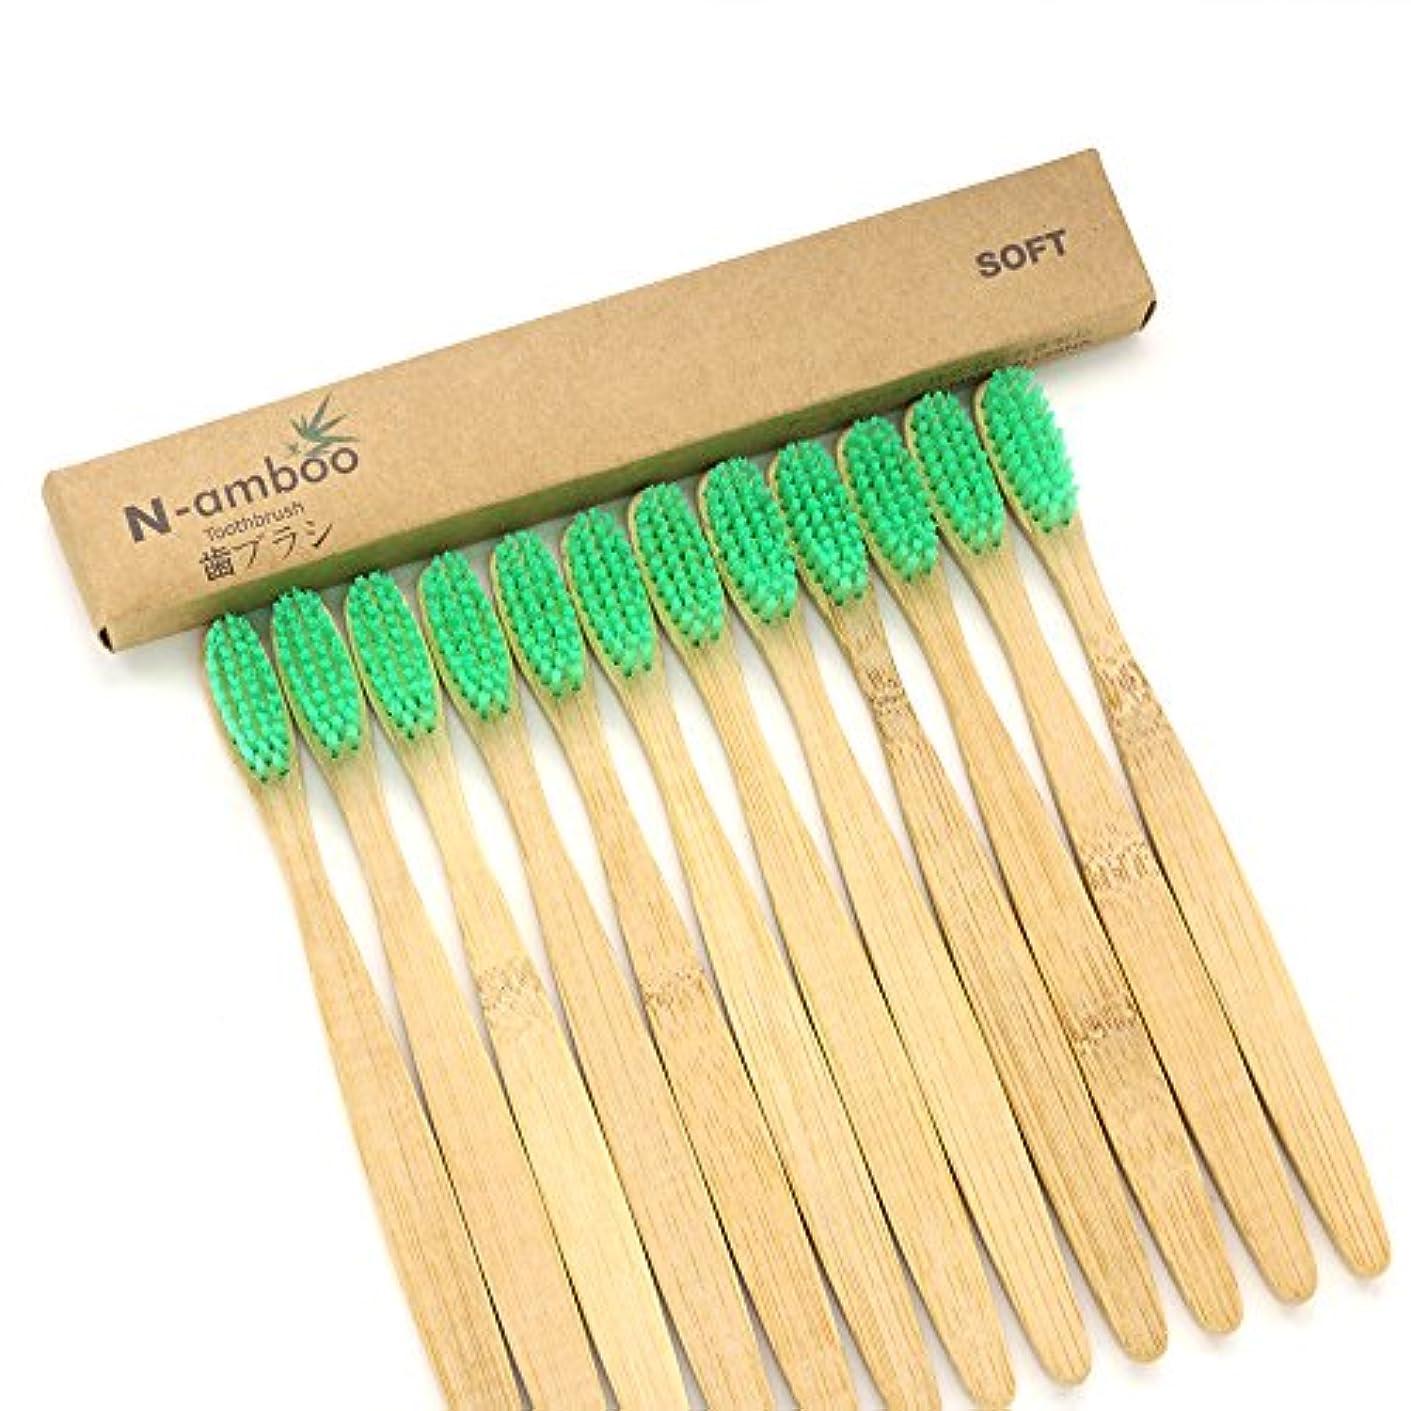 おじさんペレット芸術的N-amboo 竹製 歯ブラシ 高耐久性 セット エコ 軽量 12本入り 緑 セット